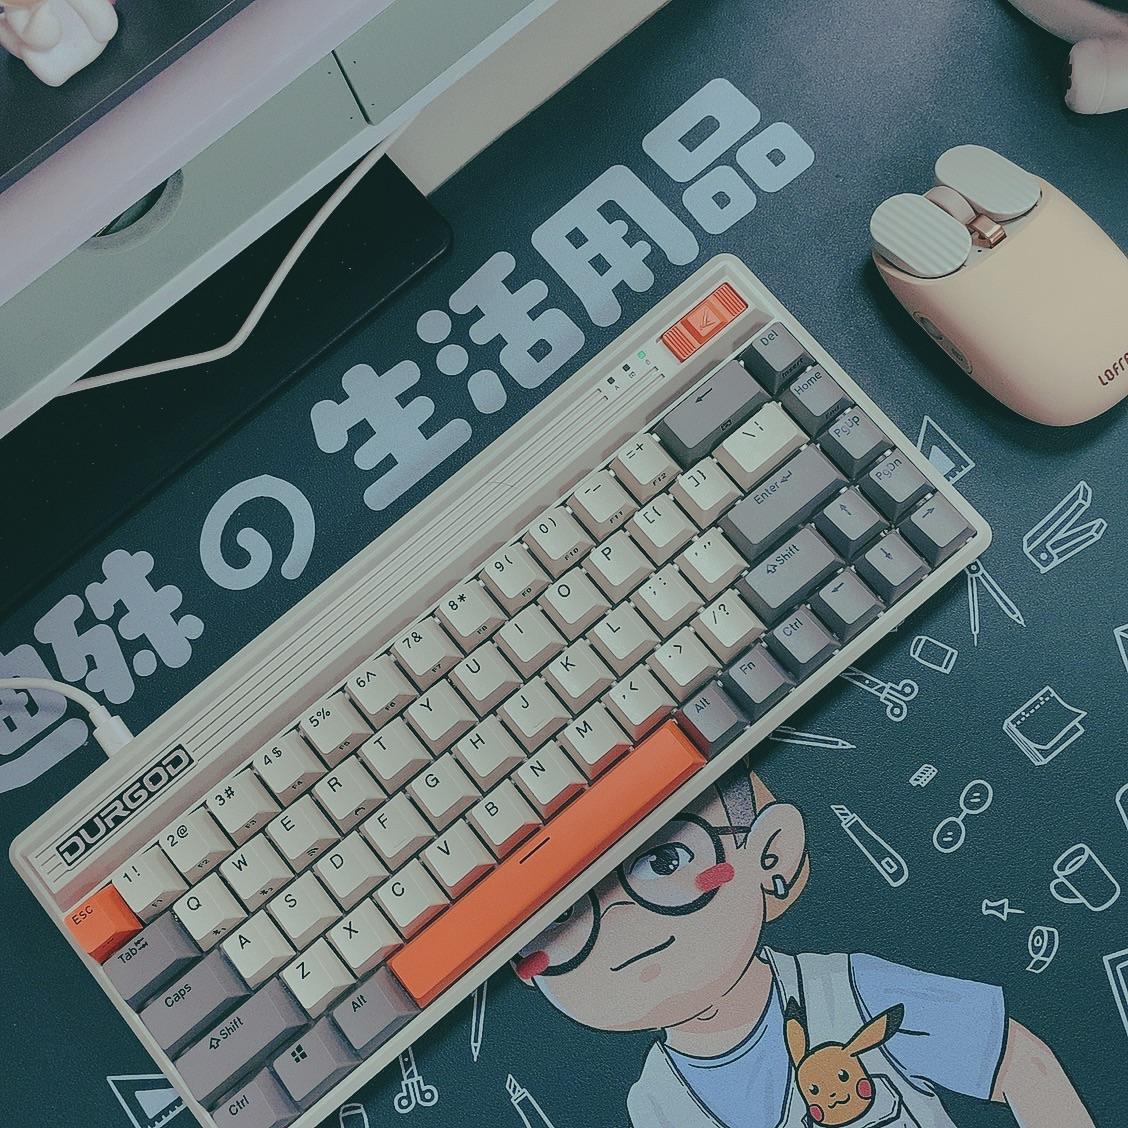 杜伽樱桃轴无线蓝牙键盘,68键复古小巧款